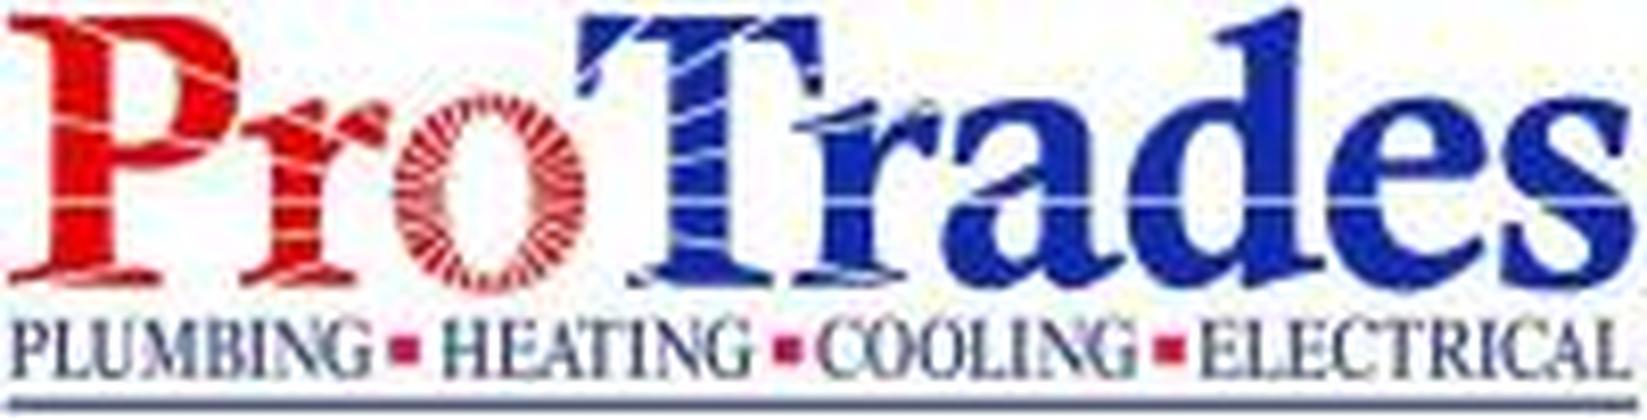 Pro Trades Mechanical Inc. company